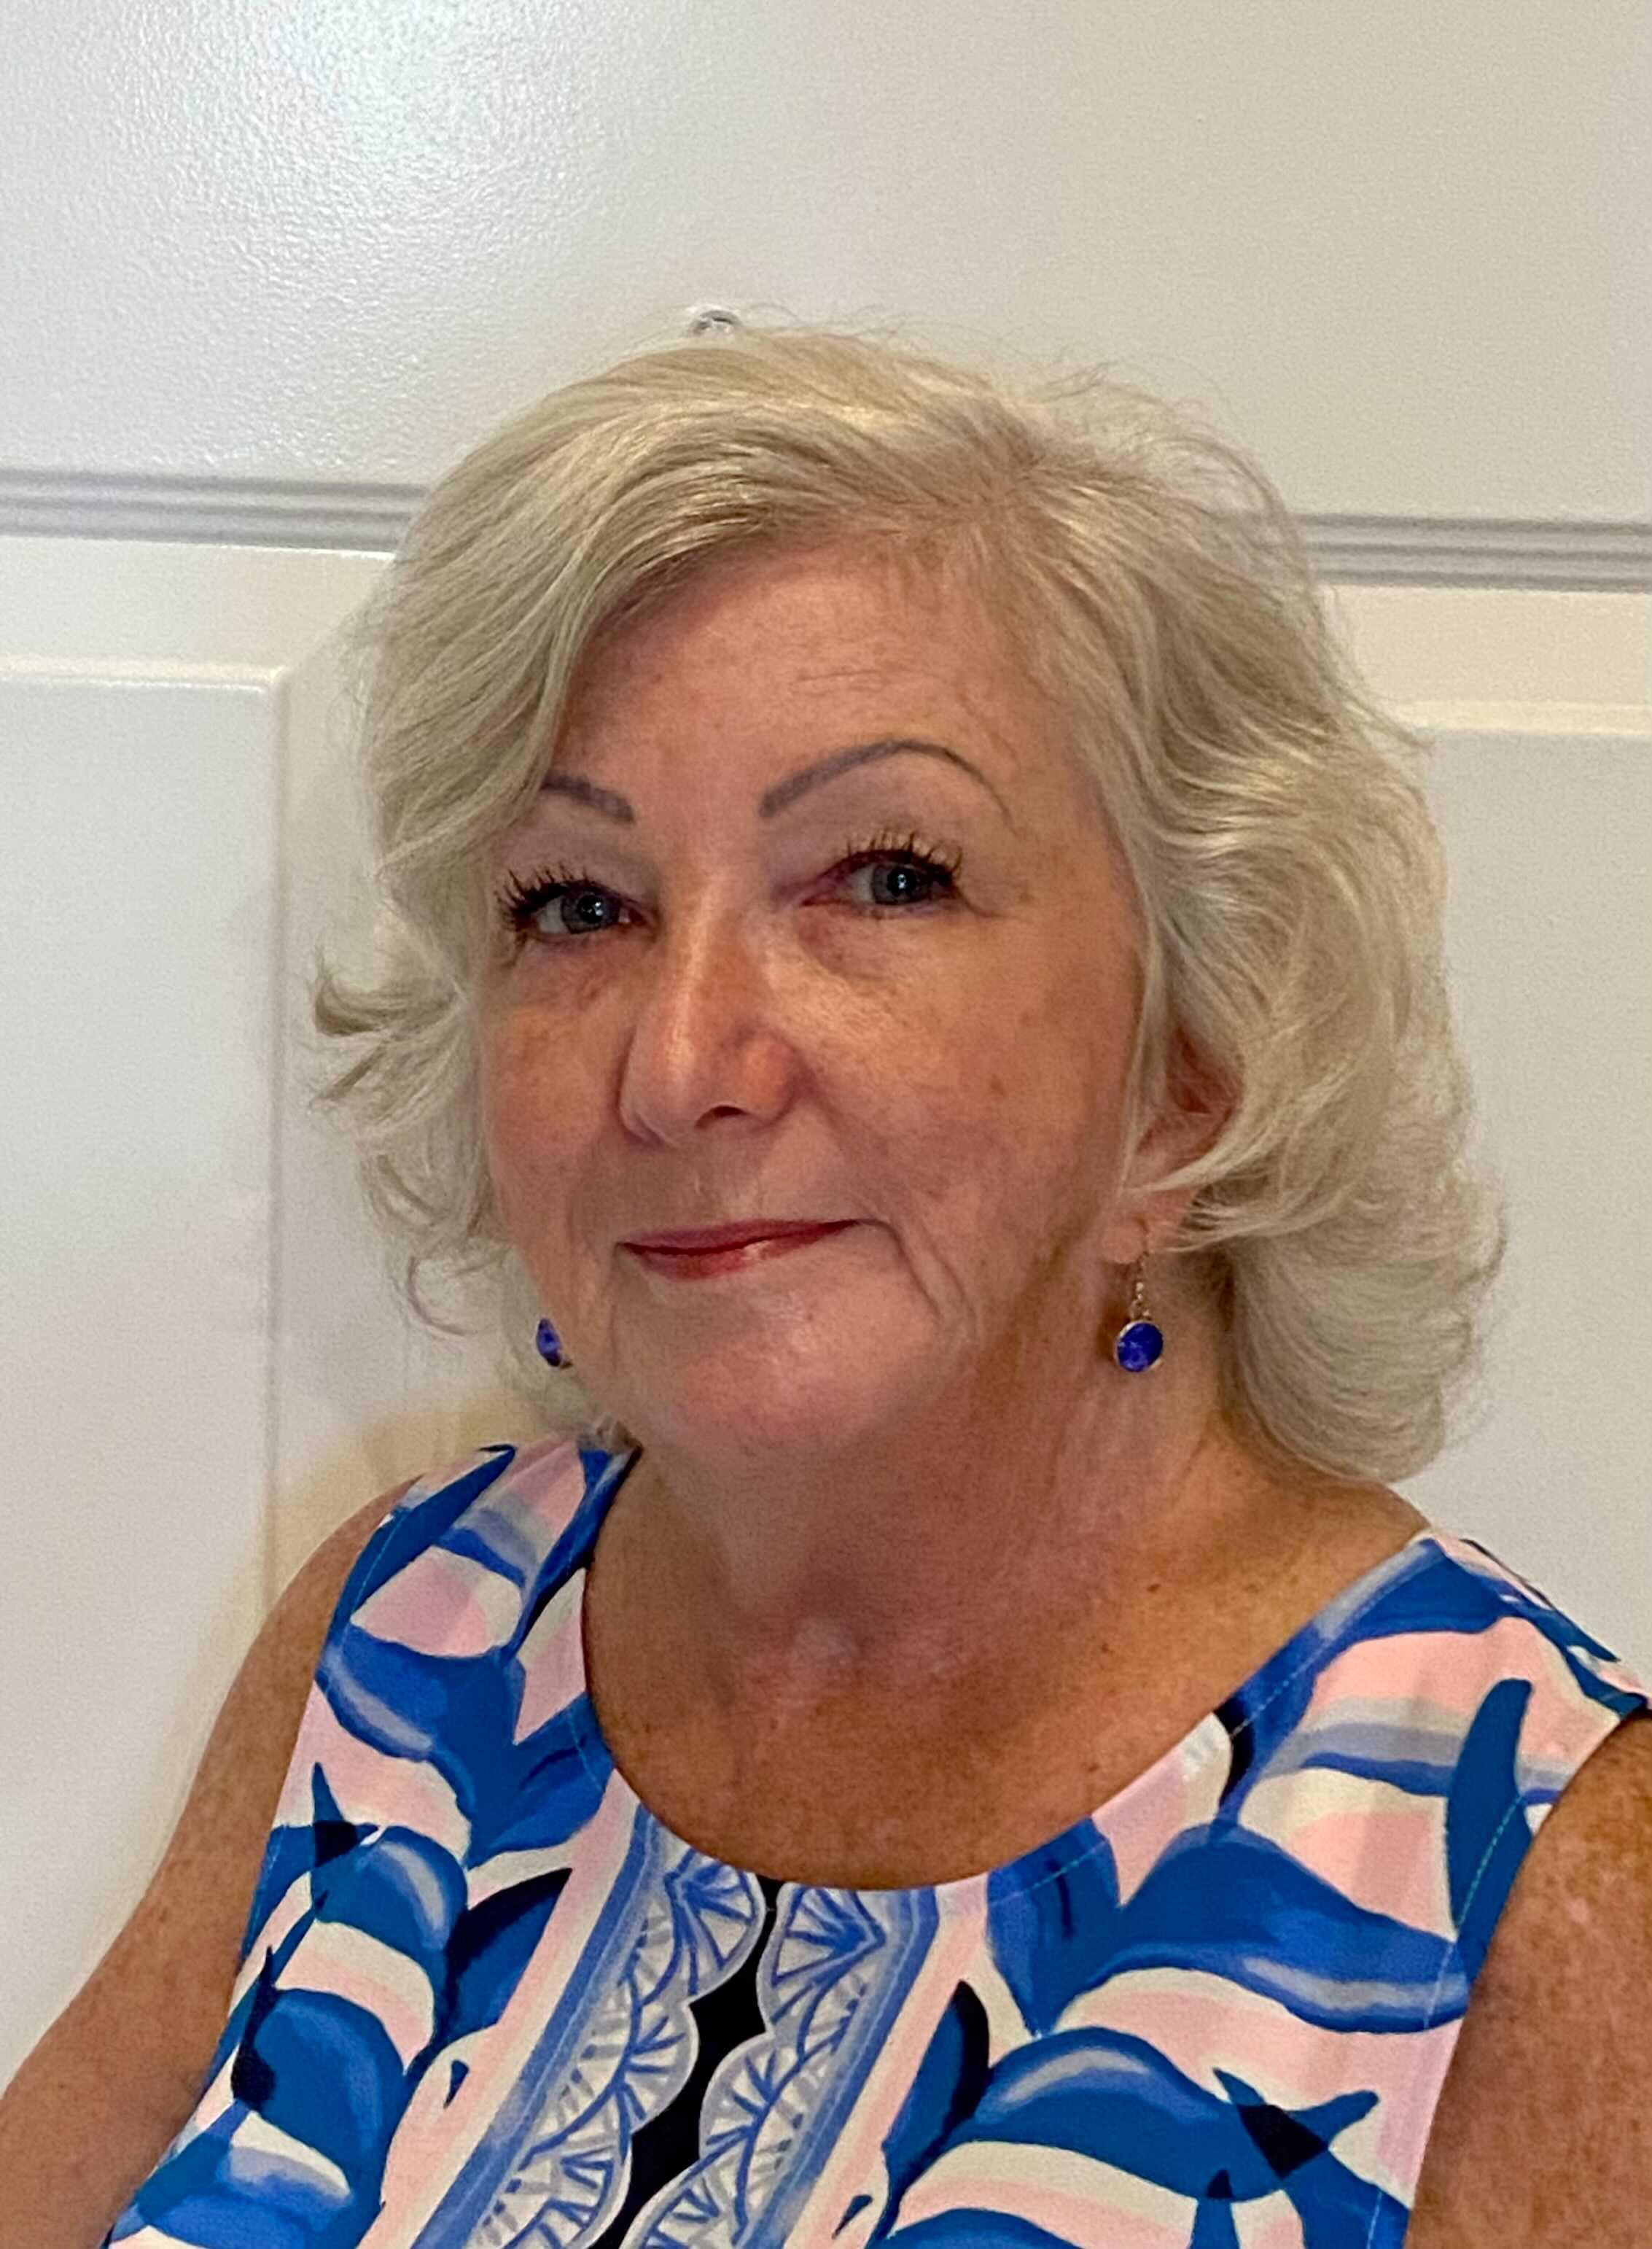 Sharon M. Glynn